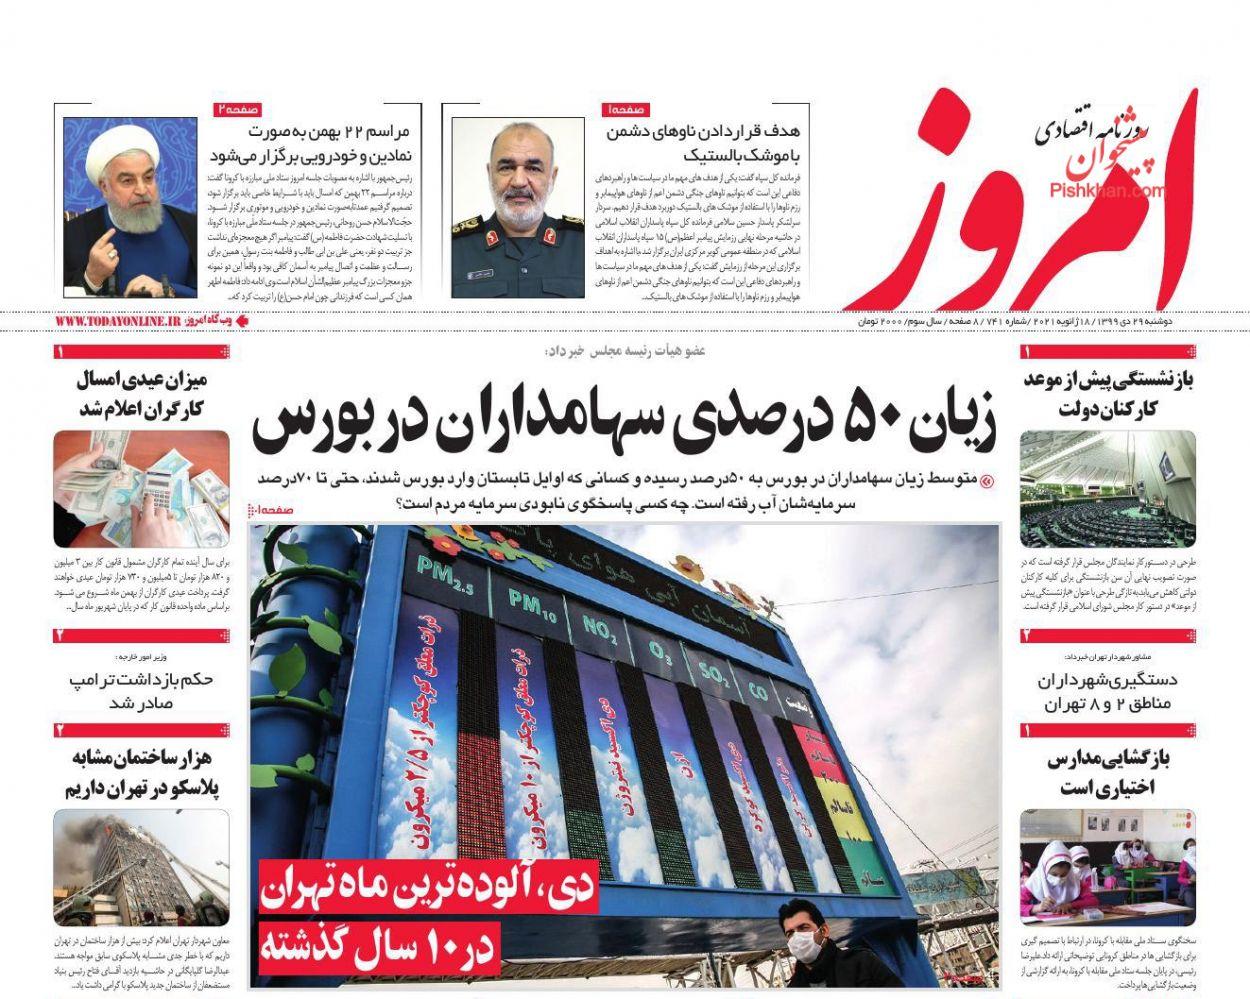 عناوین اخبار روزنامه امروز در روز دوشنبه ۲۹ دی